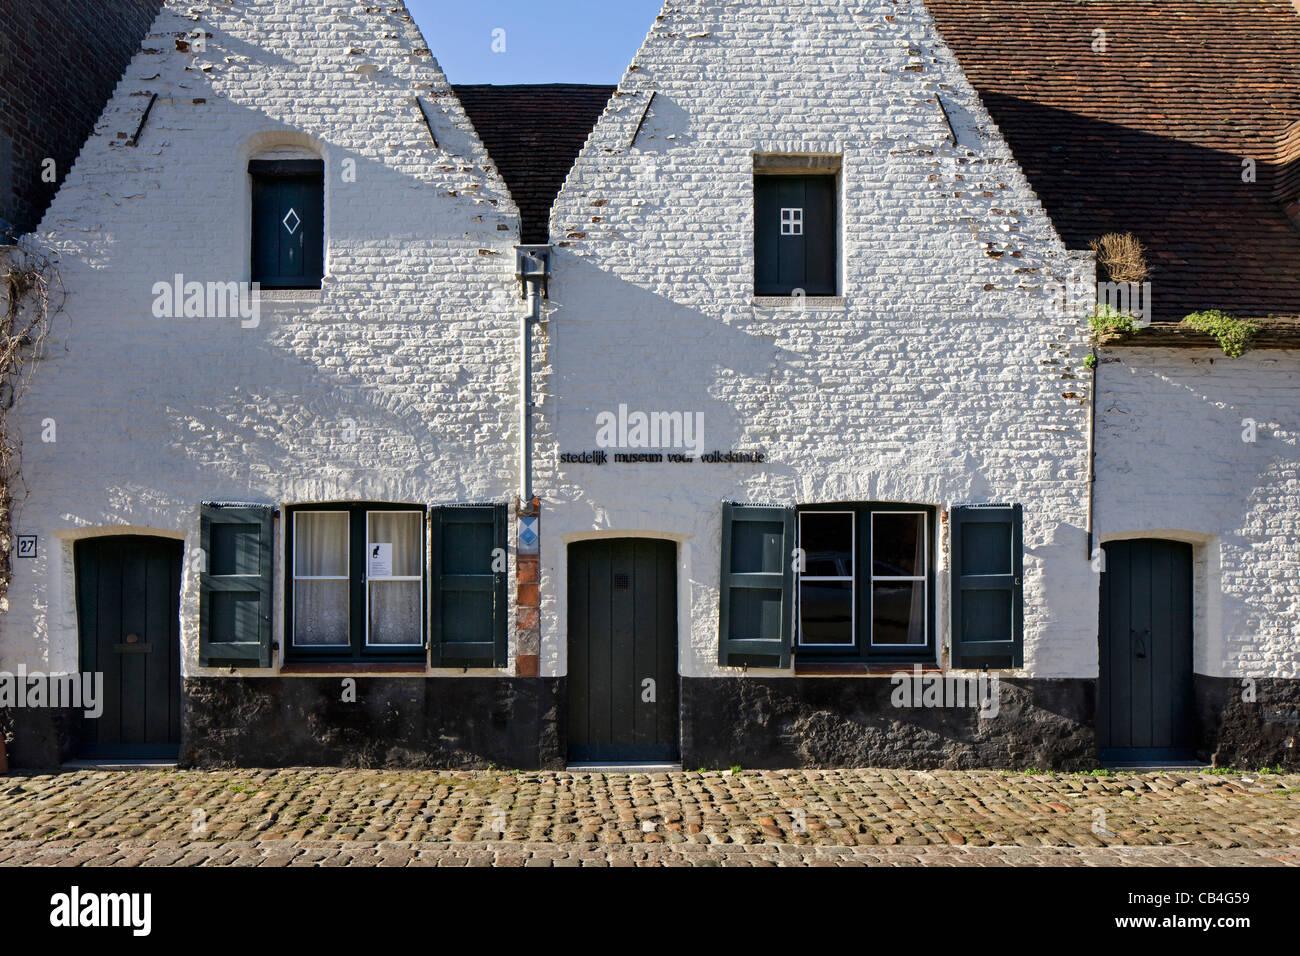 Das Museum der Folklore und Black Cat / Zwarte Kat in Brügge, Belgien Stockbild